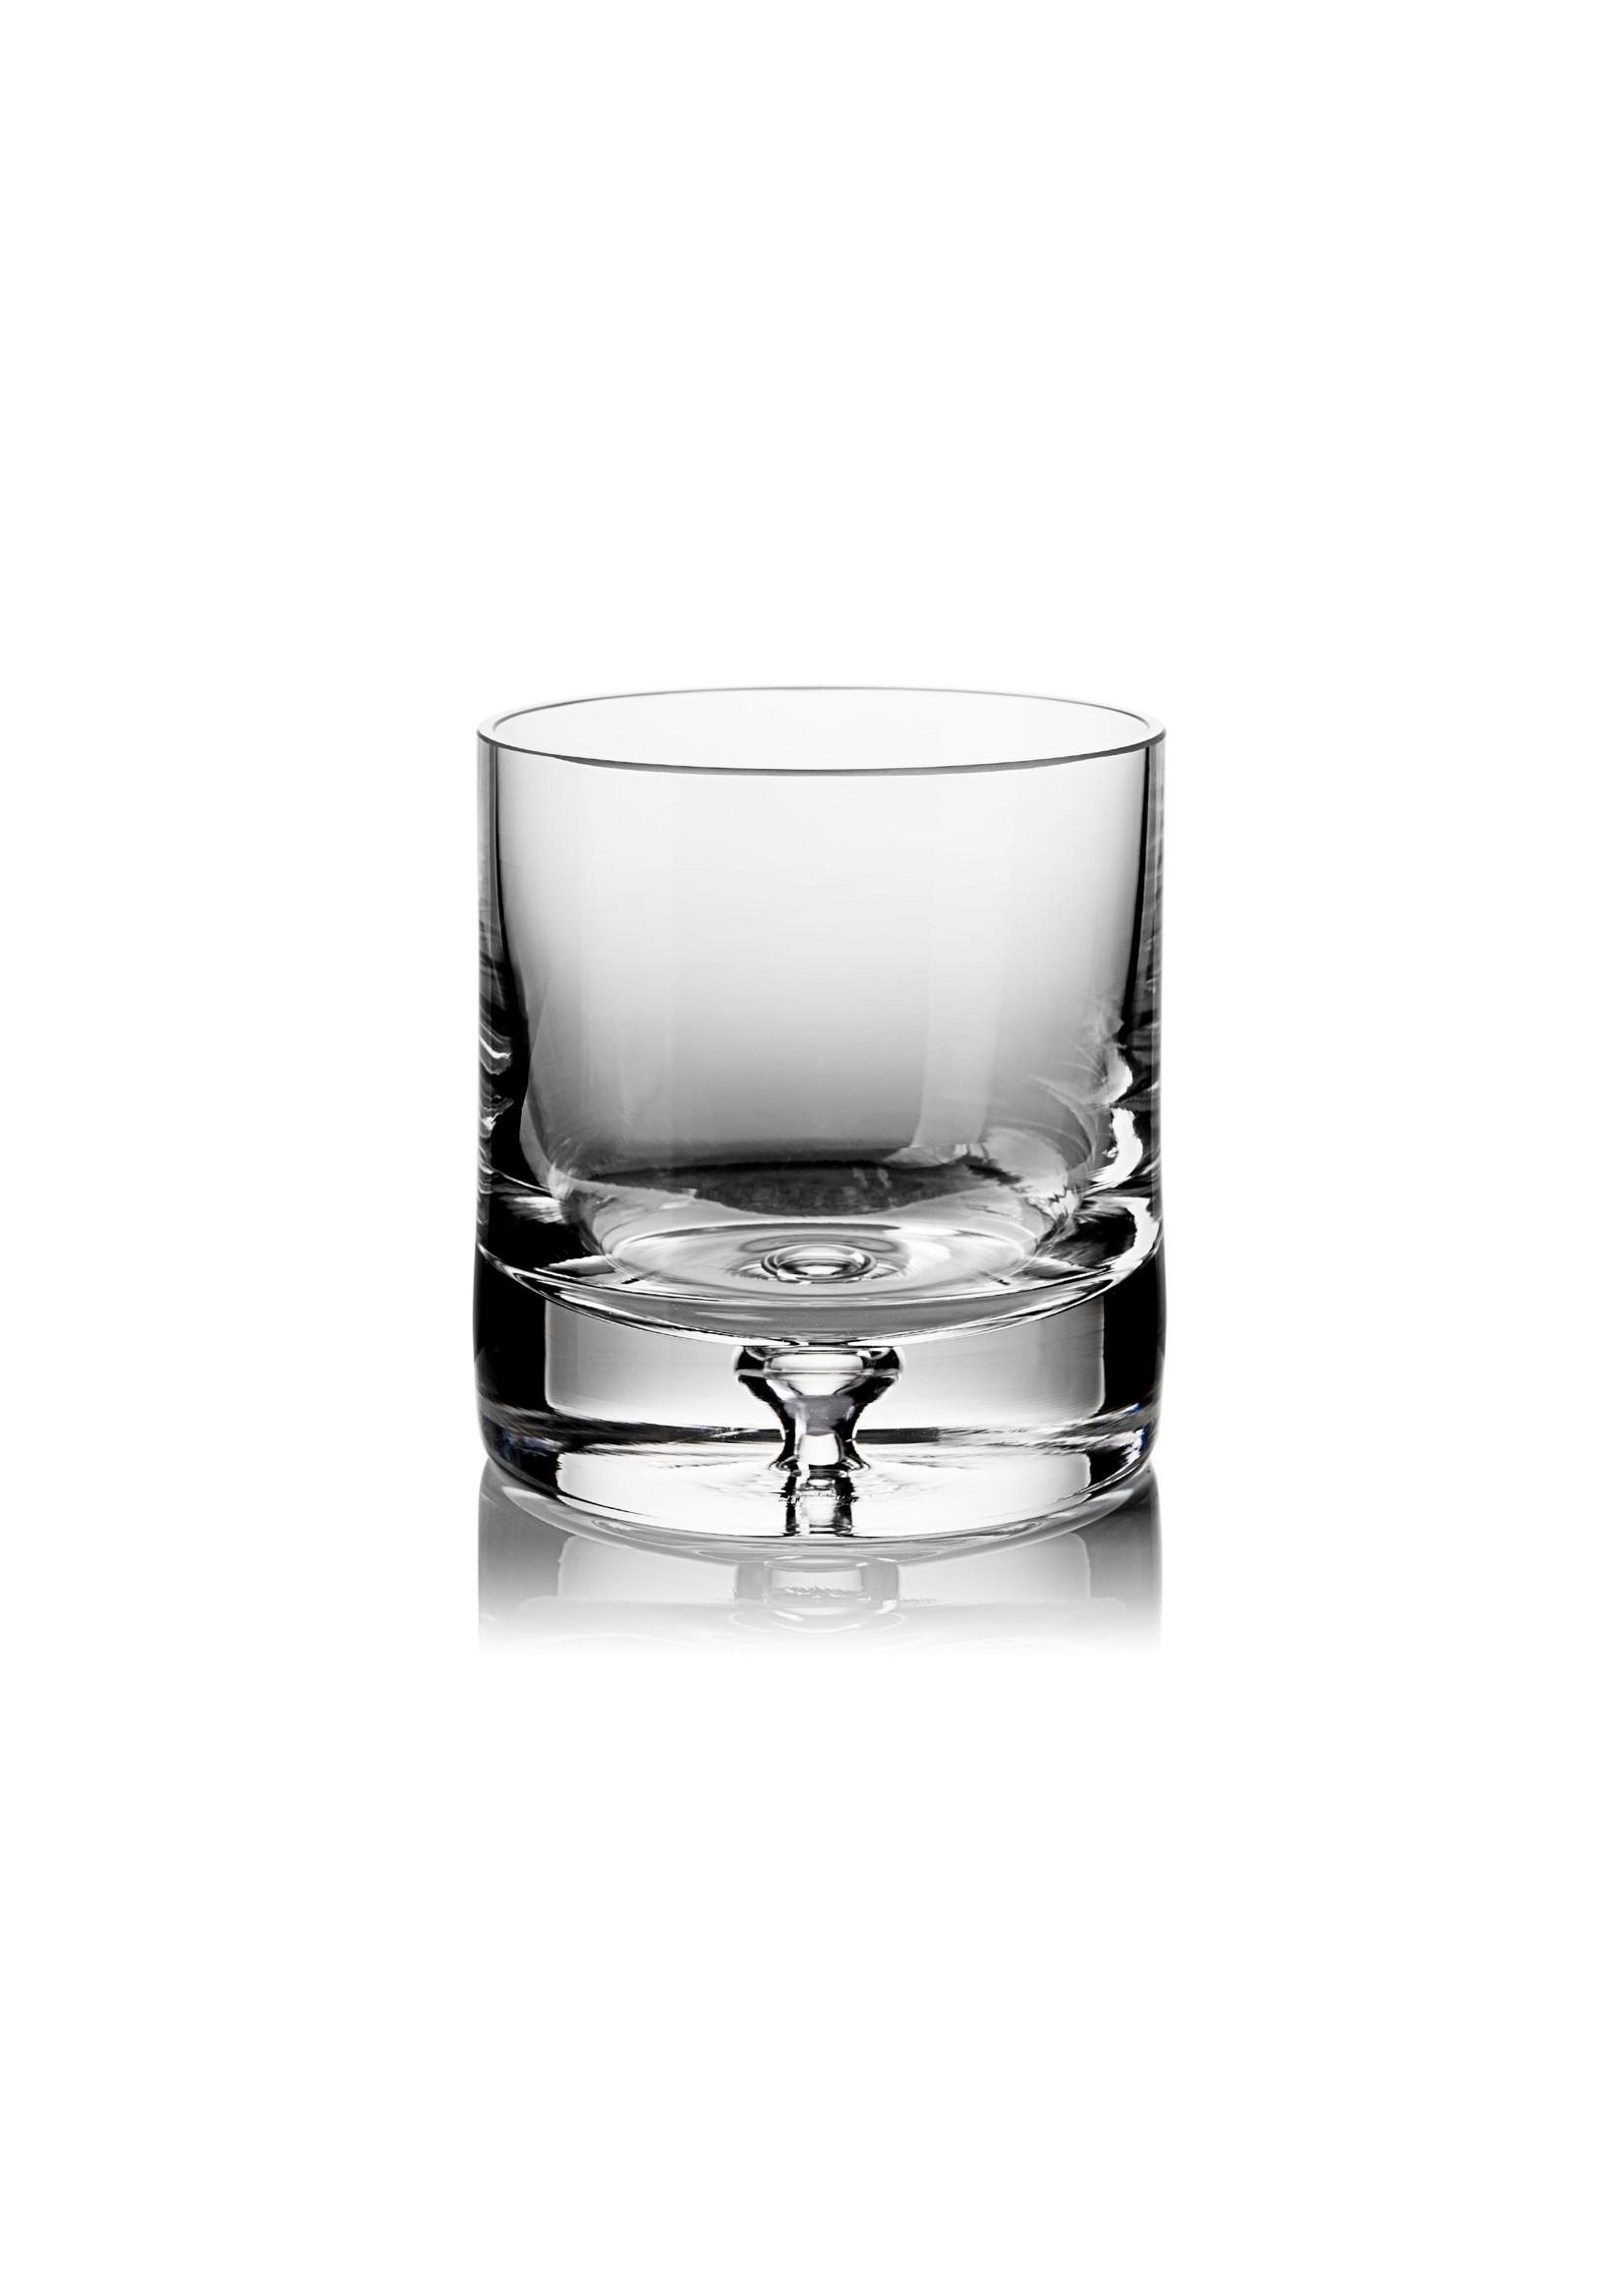 Skloglass Handgemaakt kristallen whiskyglas Bubble